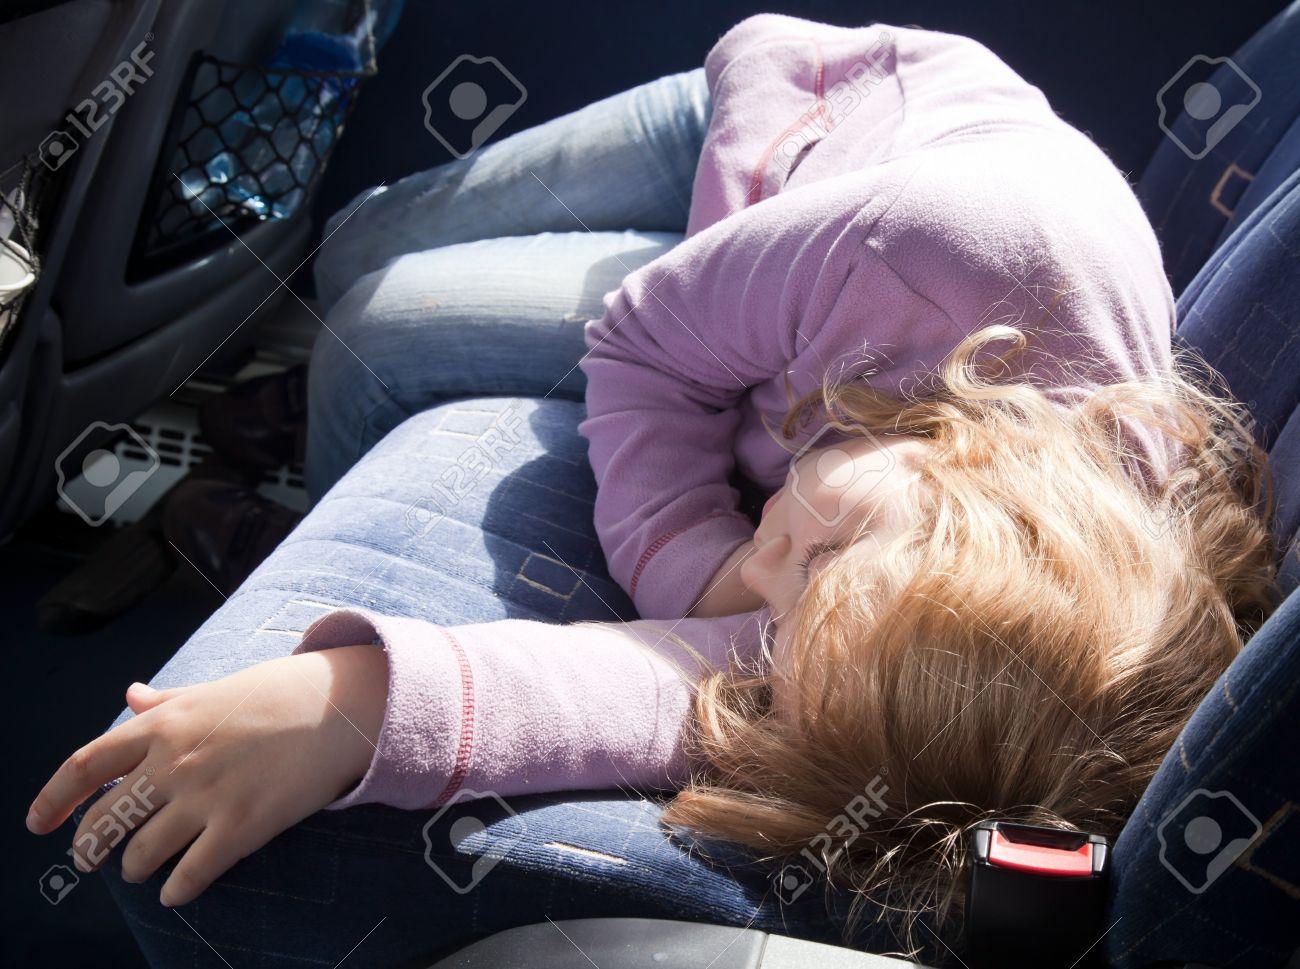 Картинки по запросу фото девочка спит в автобусе